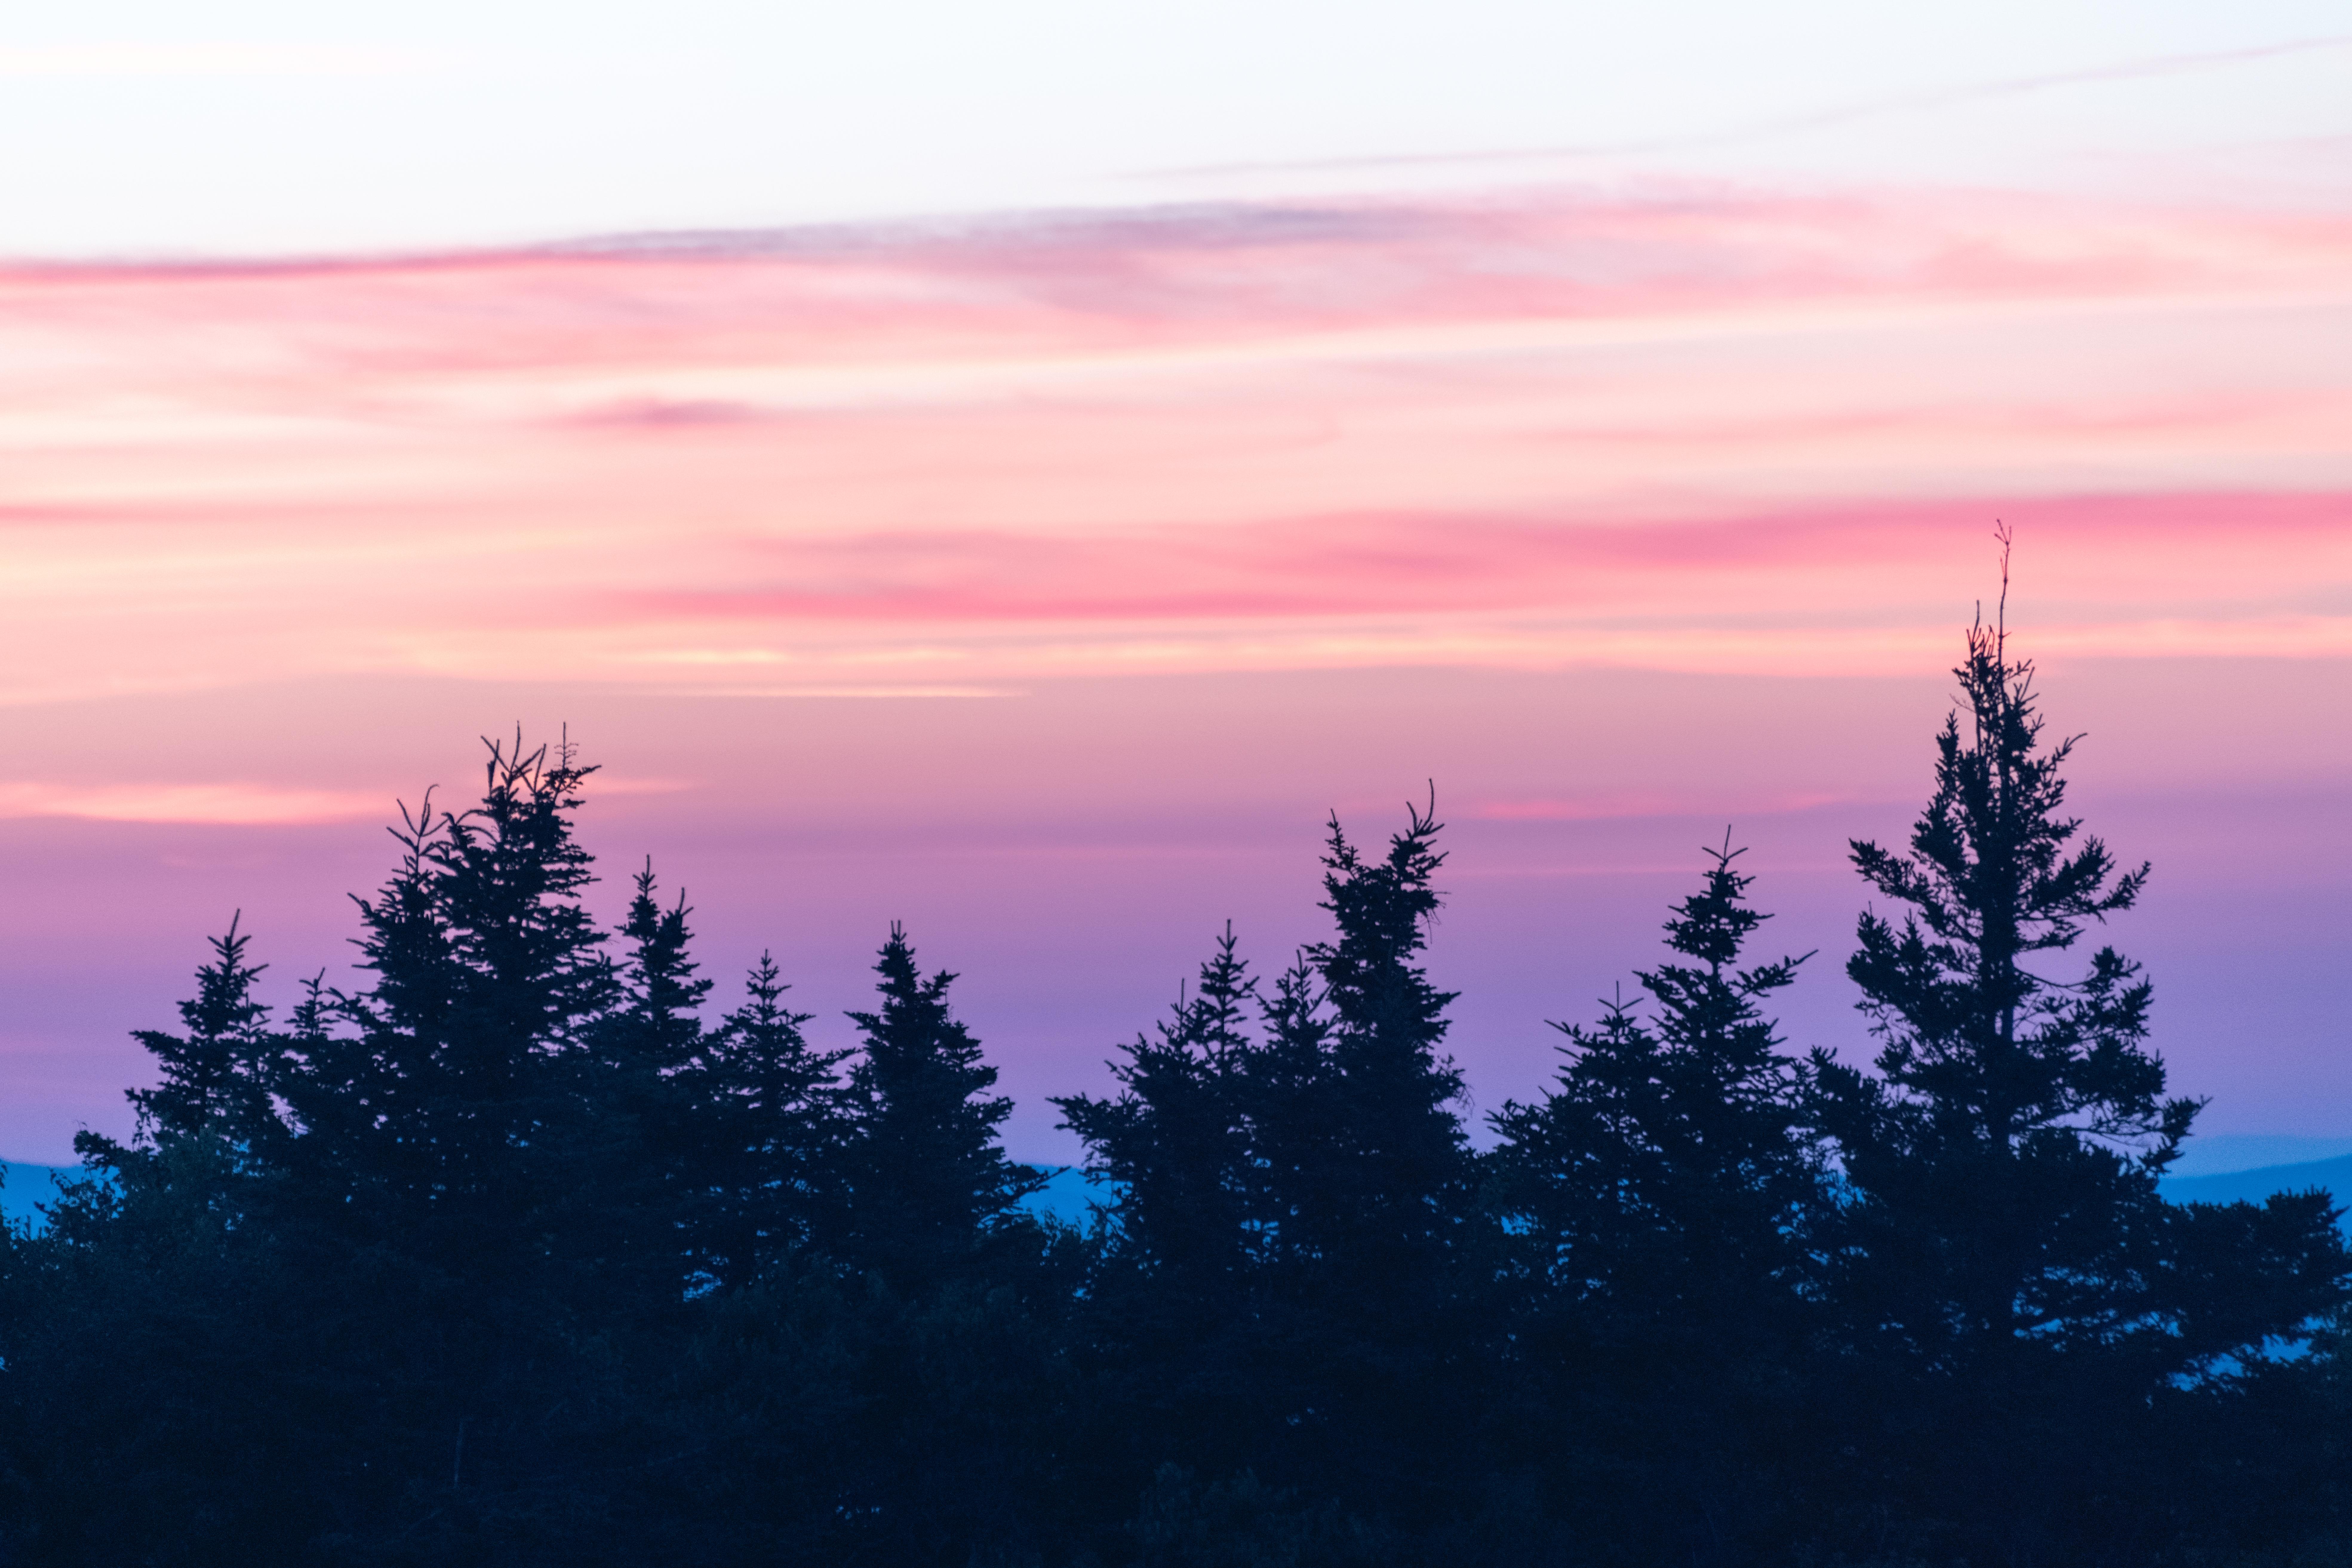 153370 скачать обои Природа, Закат, Облака, Туман, Розовый, Елки - заставки и картинки бесплатно